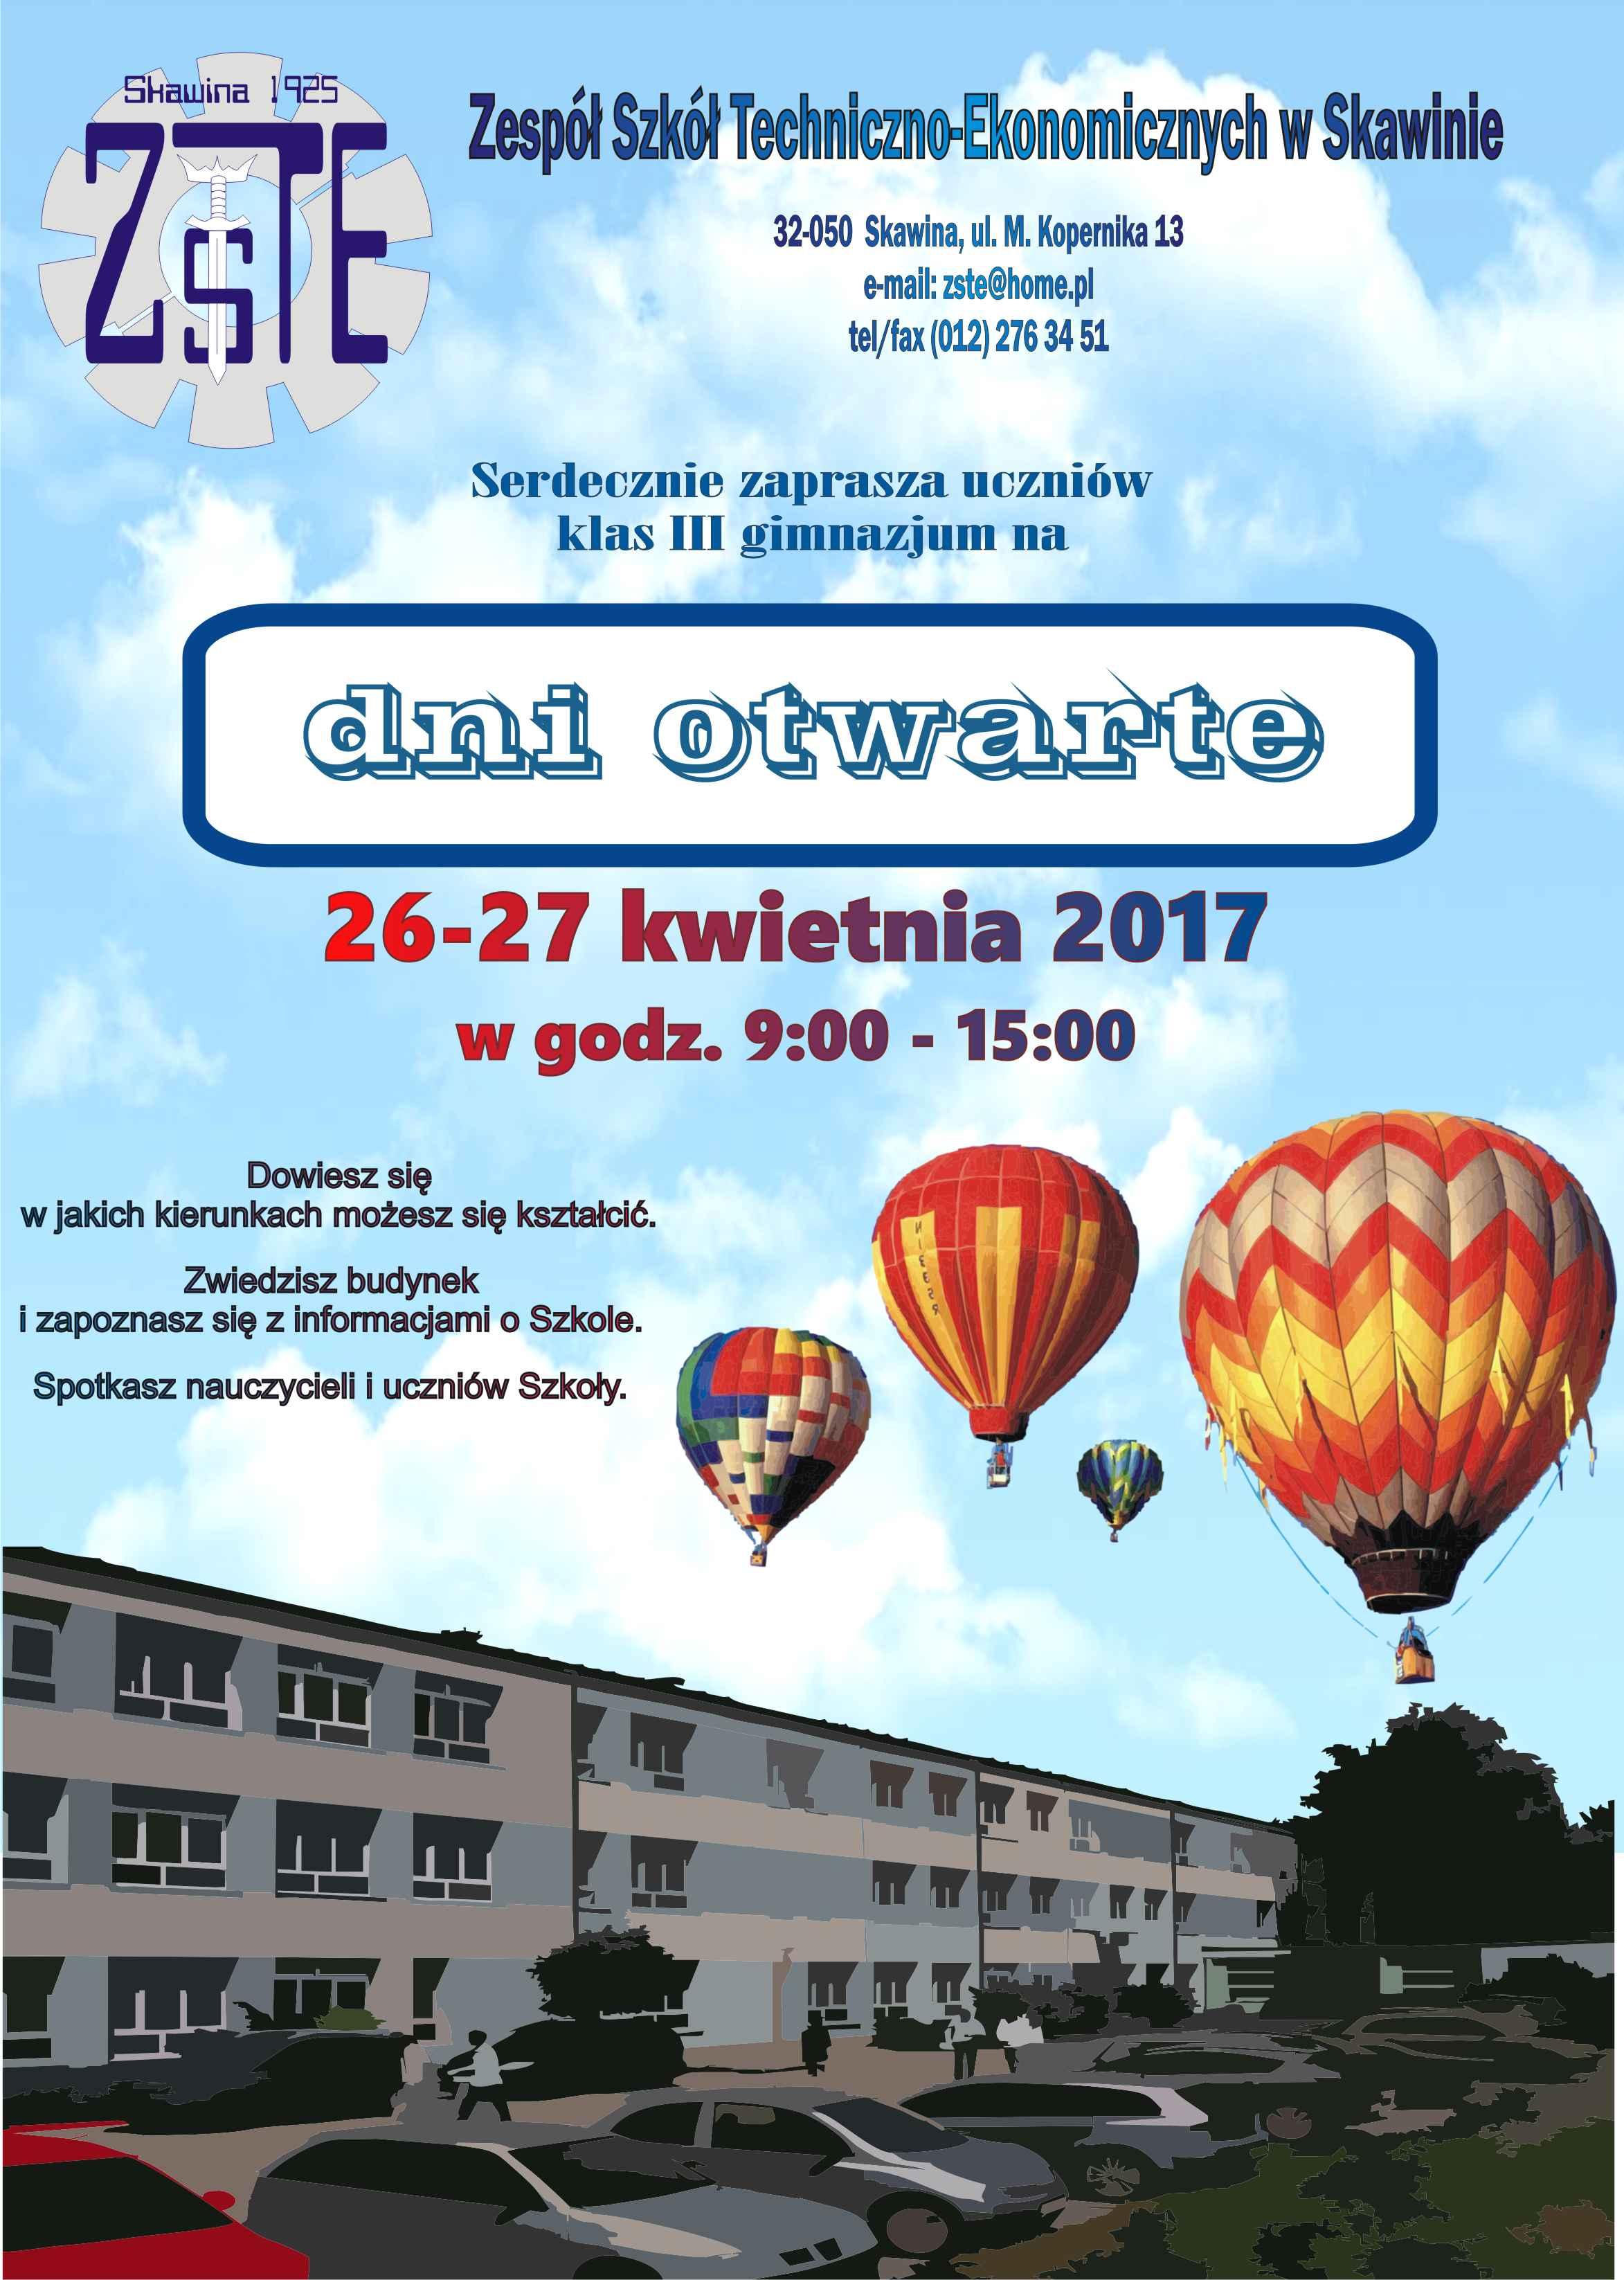 Dni Otwarte w Zespole Szkół Techniczno-Ekonomicznych w Skawinie @ ZSTE w Skawinie | Skawina | małopolskie | Polska